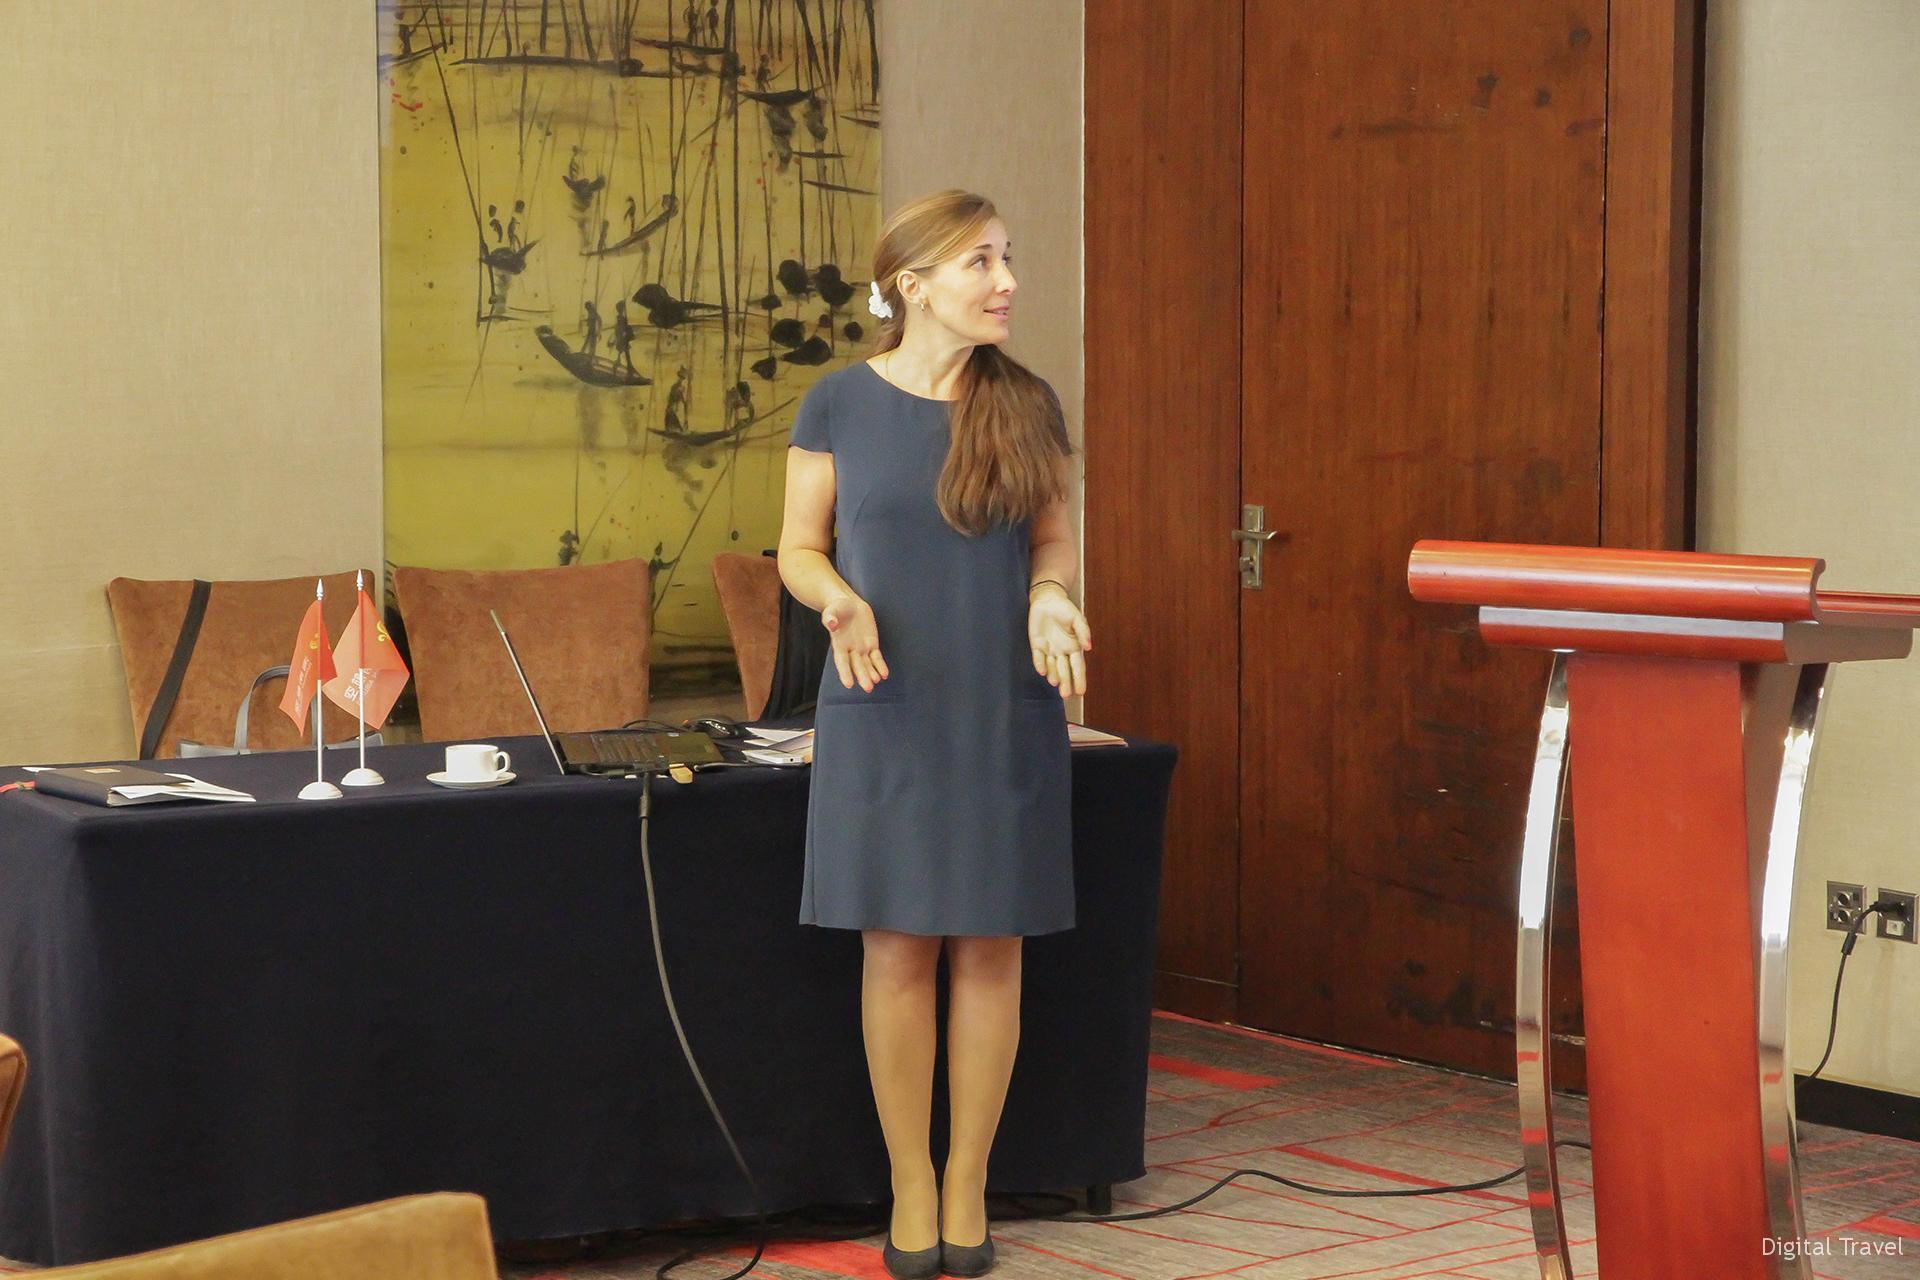 Наталья Маслова, менеджер по работе с клиентами Санкт-Петербургского представительства Hainan Airlines